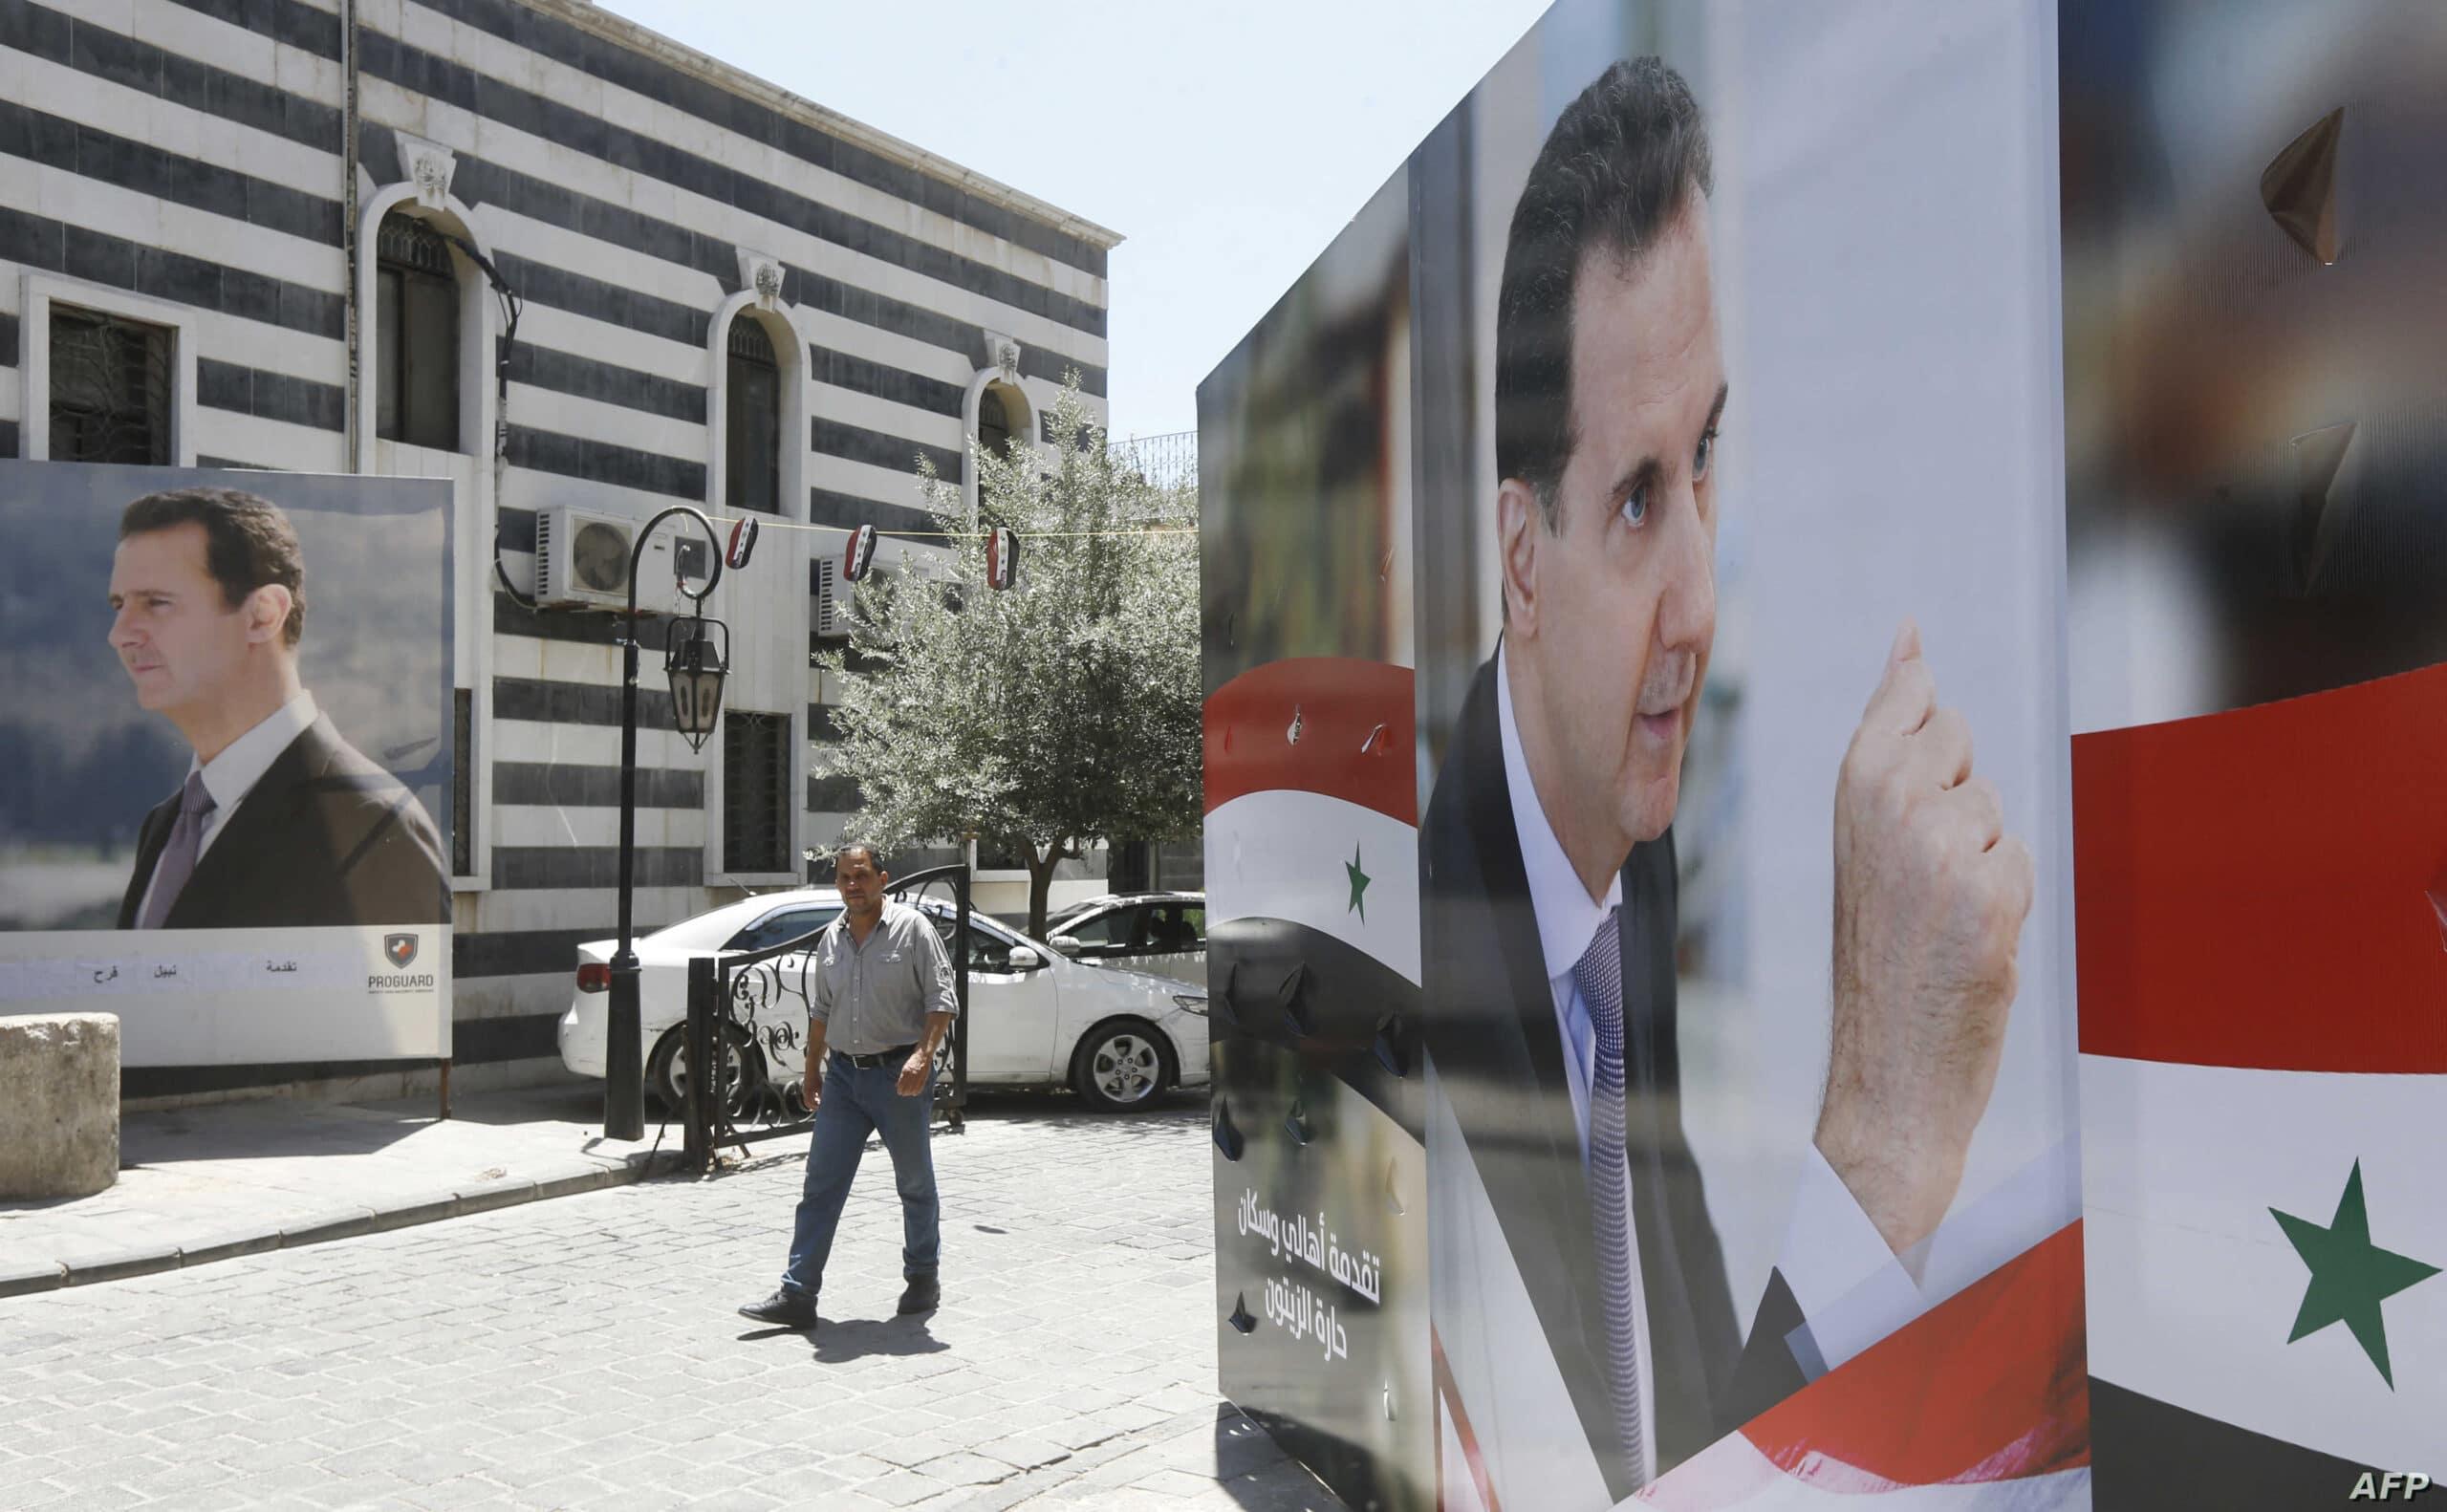 مسرحية الانتخابات السورية.. بشار الأسد ينافس نفسه على كرسي الرئاسة!